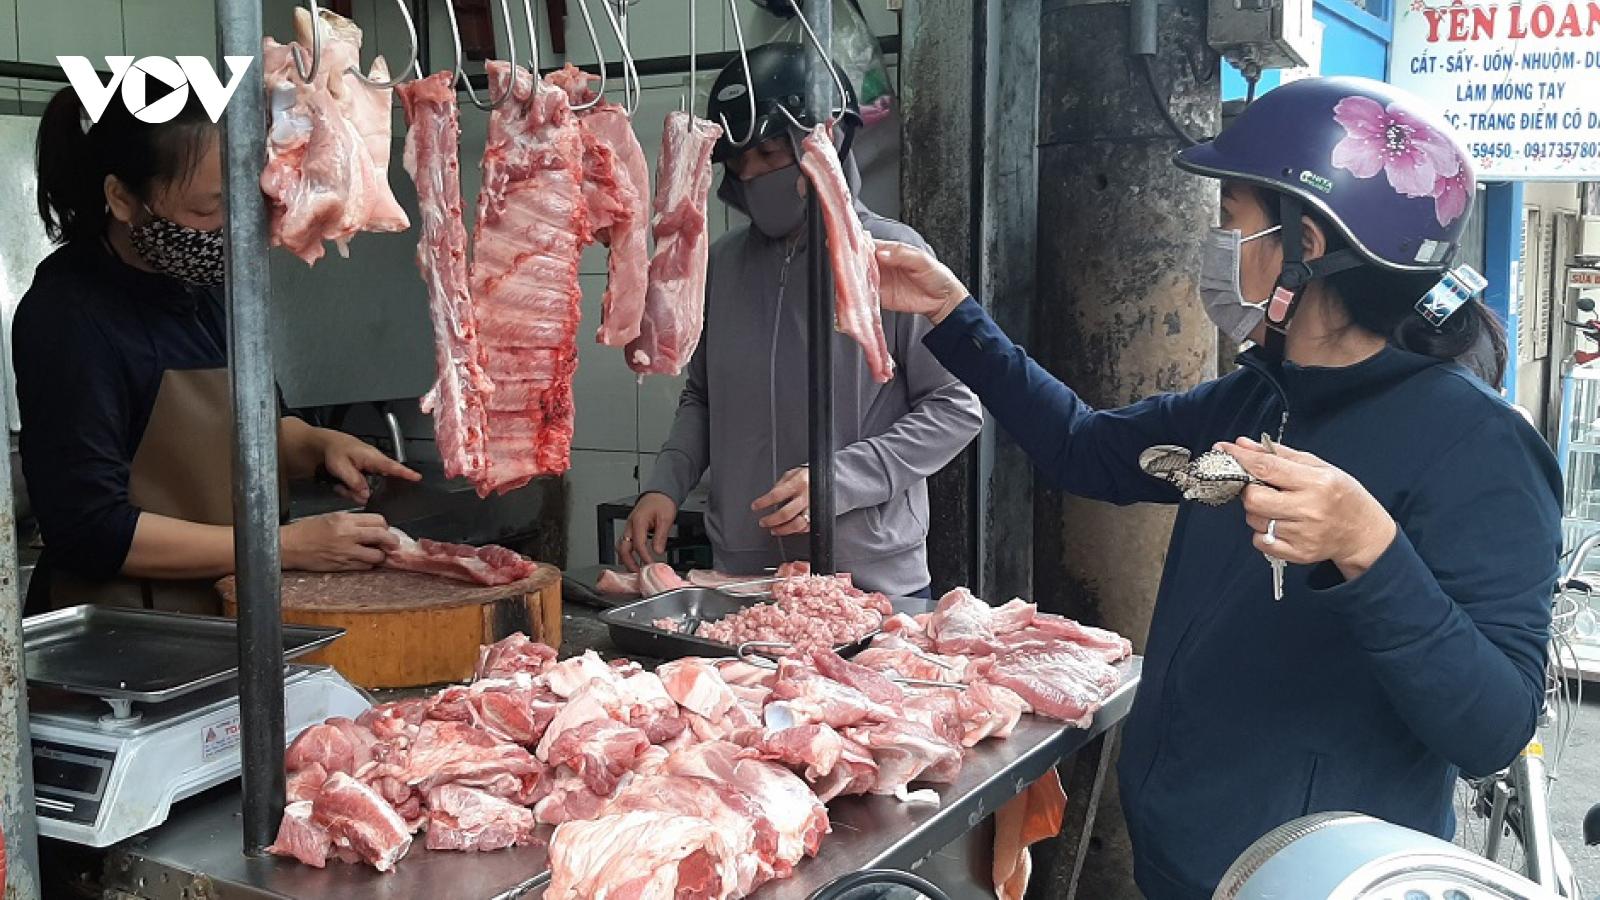 Giá thịt lợn có thể tăng từ nay tới cuối năm do nguồn cung thiếu hụt